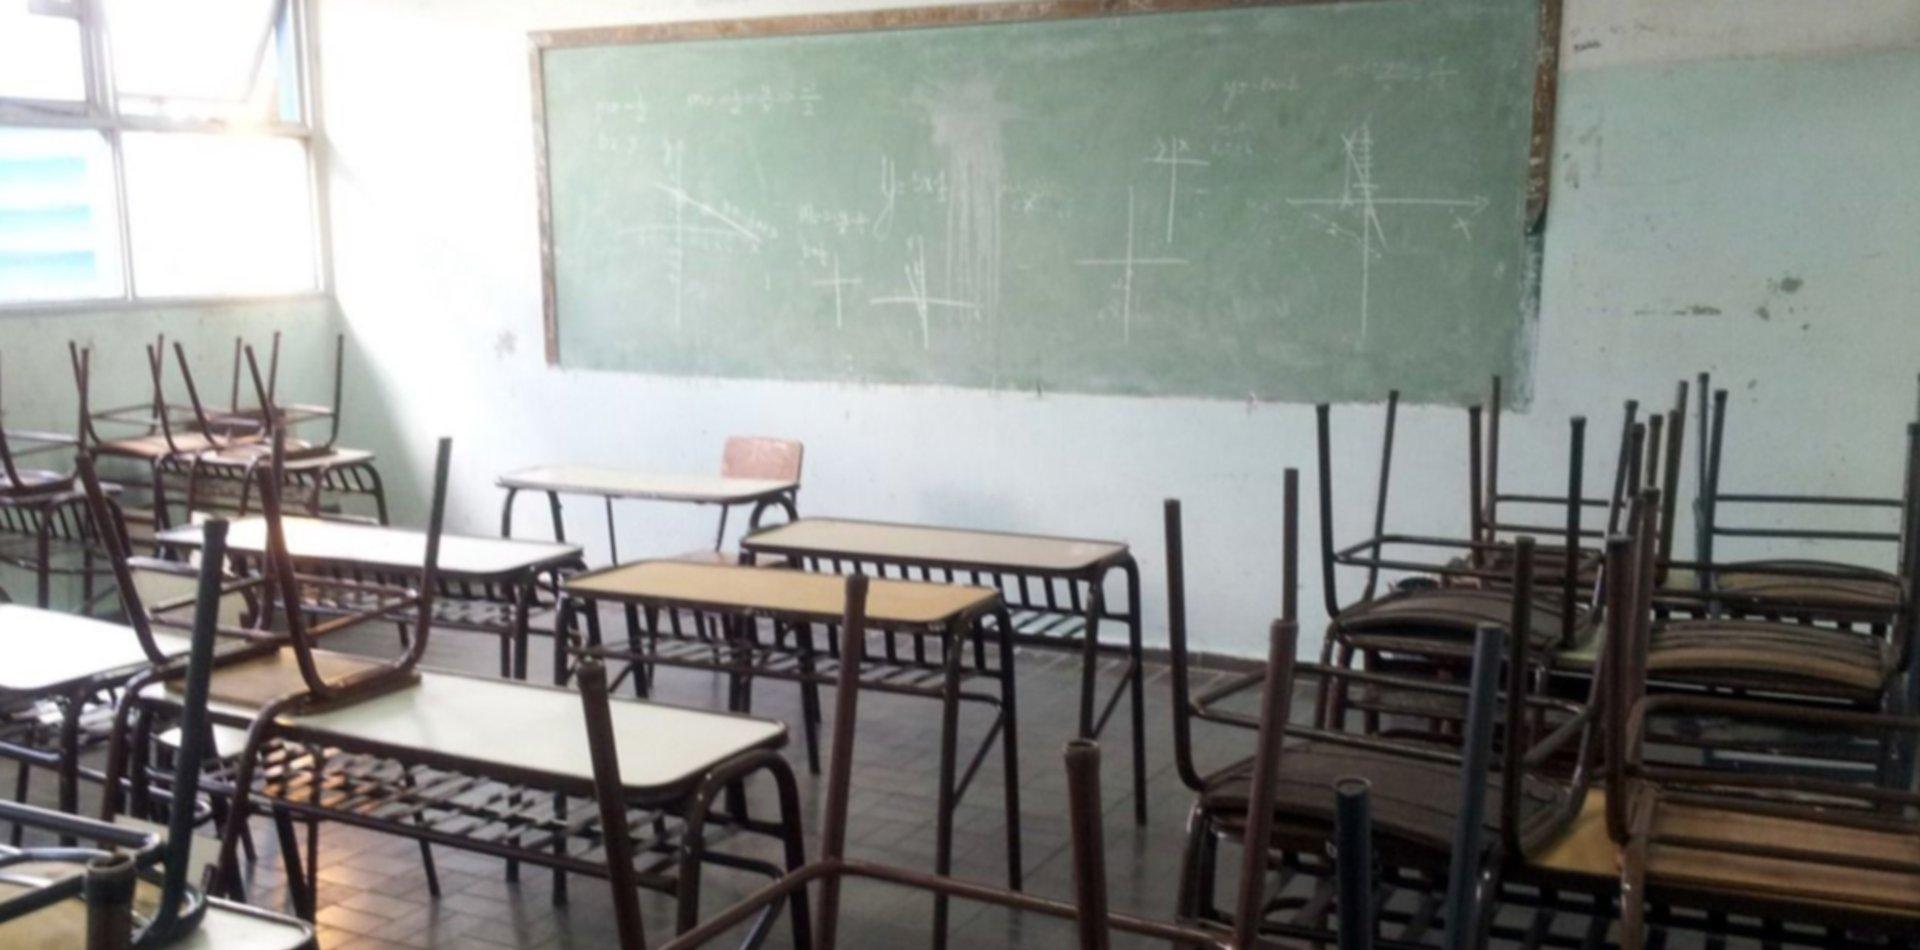 Trabajadores despedidos de Educación se manifestarán en Casa de Gobierno